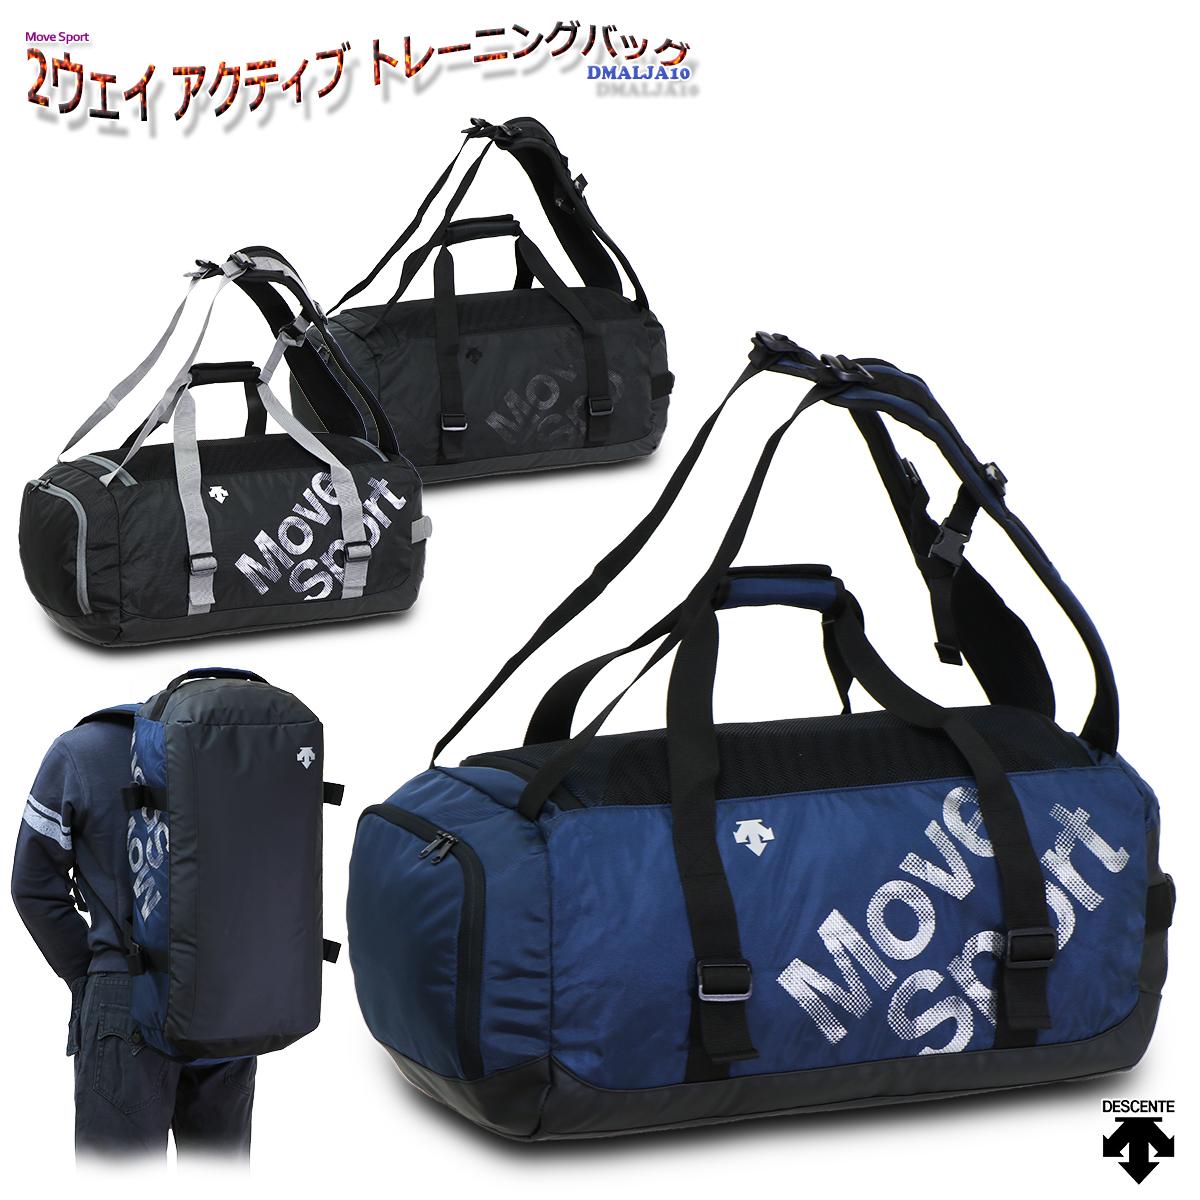 ムーブスポーツ デサント 2ウェイ アクティブ トレーニングバッグ メンズ 大容量 DMALJA10